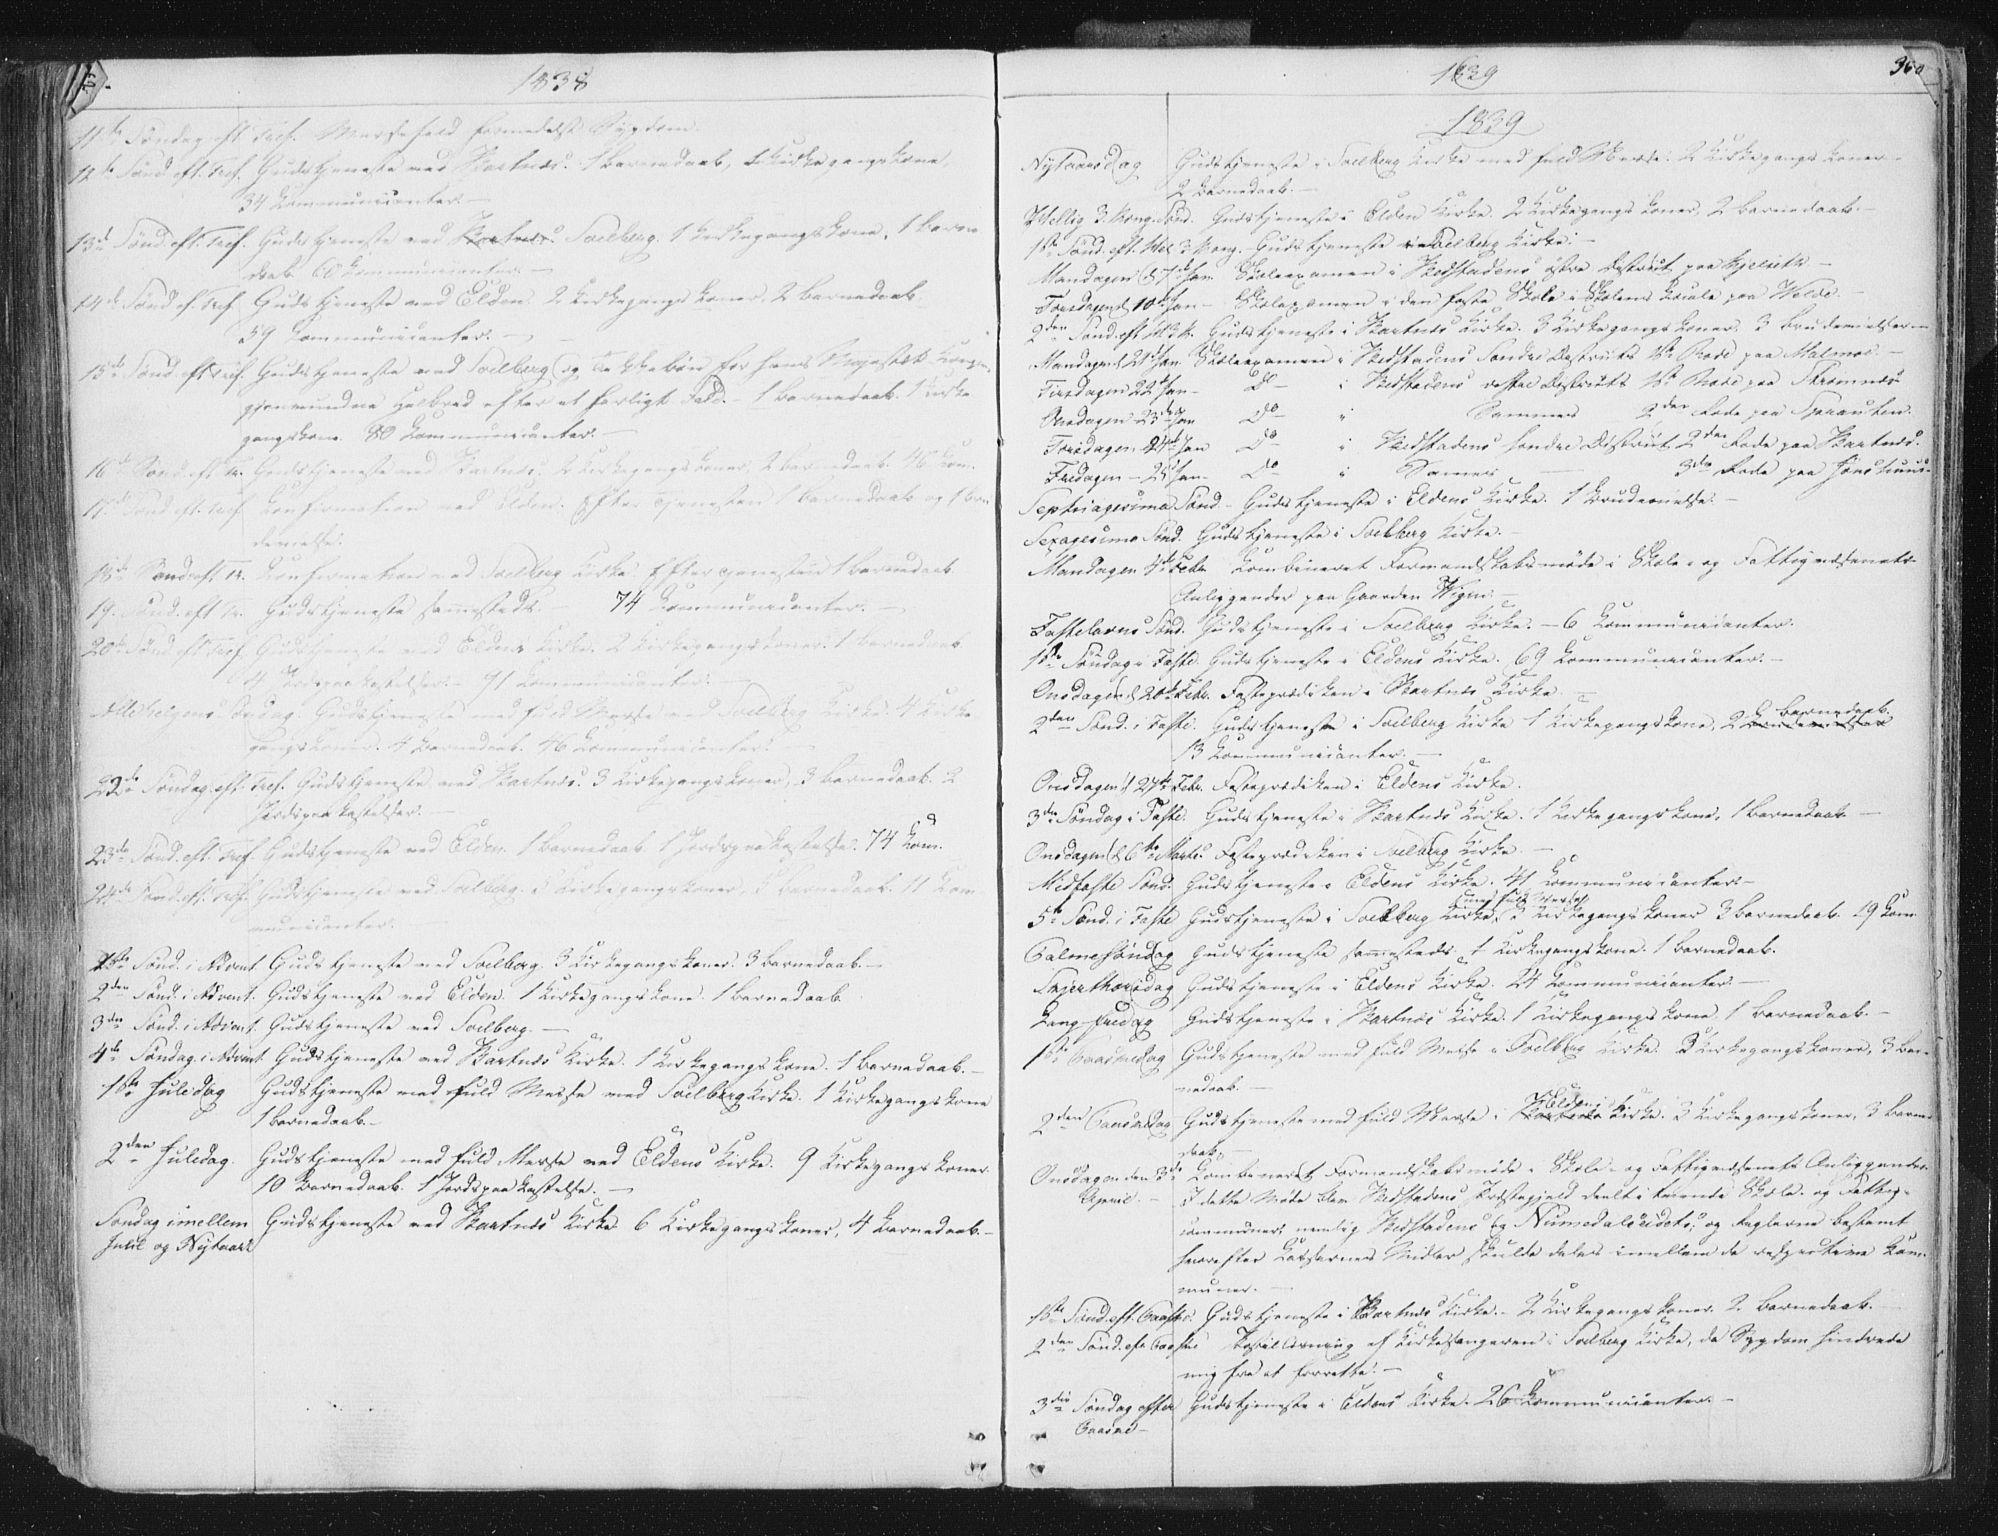 SAT, Ministerialprotokoller, klokkerbøker og fødselsregistre - Nord-Trøndelag, 741/L0392: Ministerialbok nr. 741A06, 1836-1848, s. 363